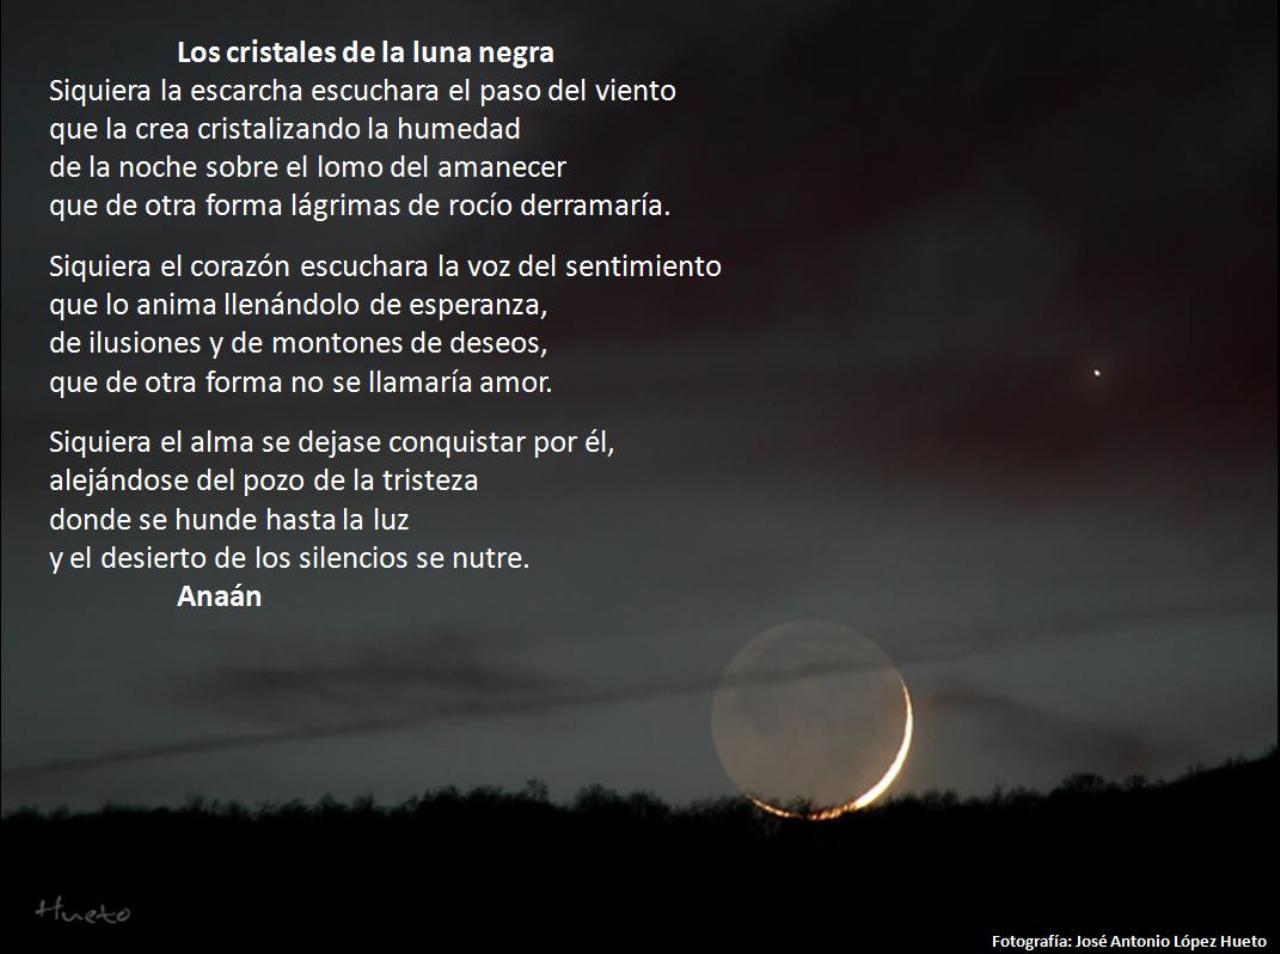 Los Cristales De La Luna Negra